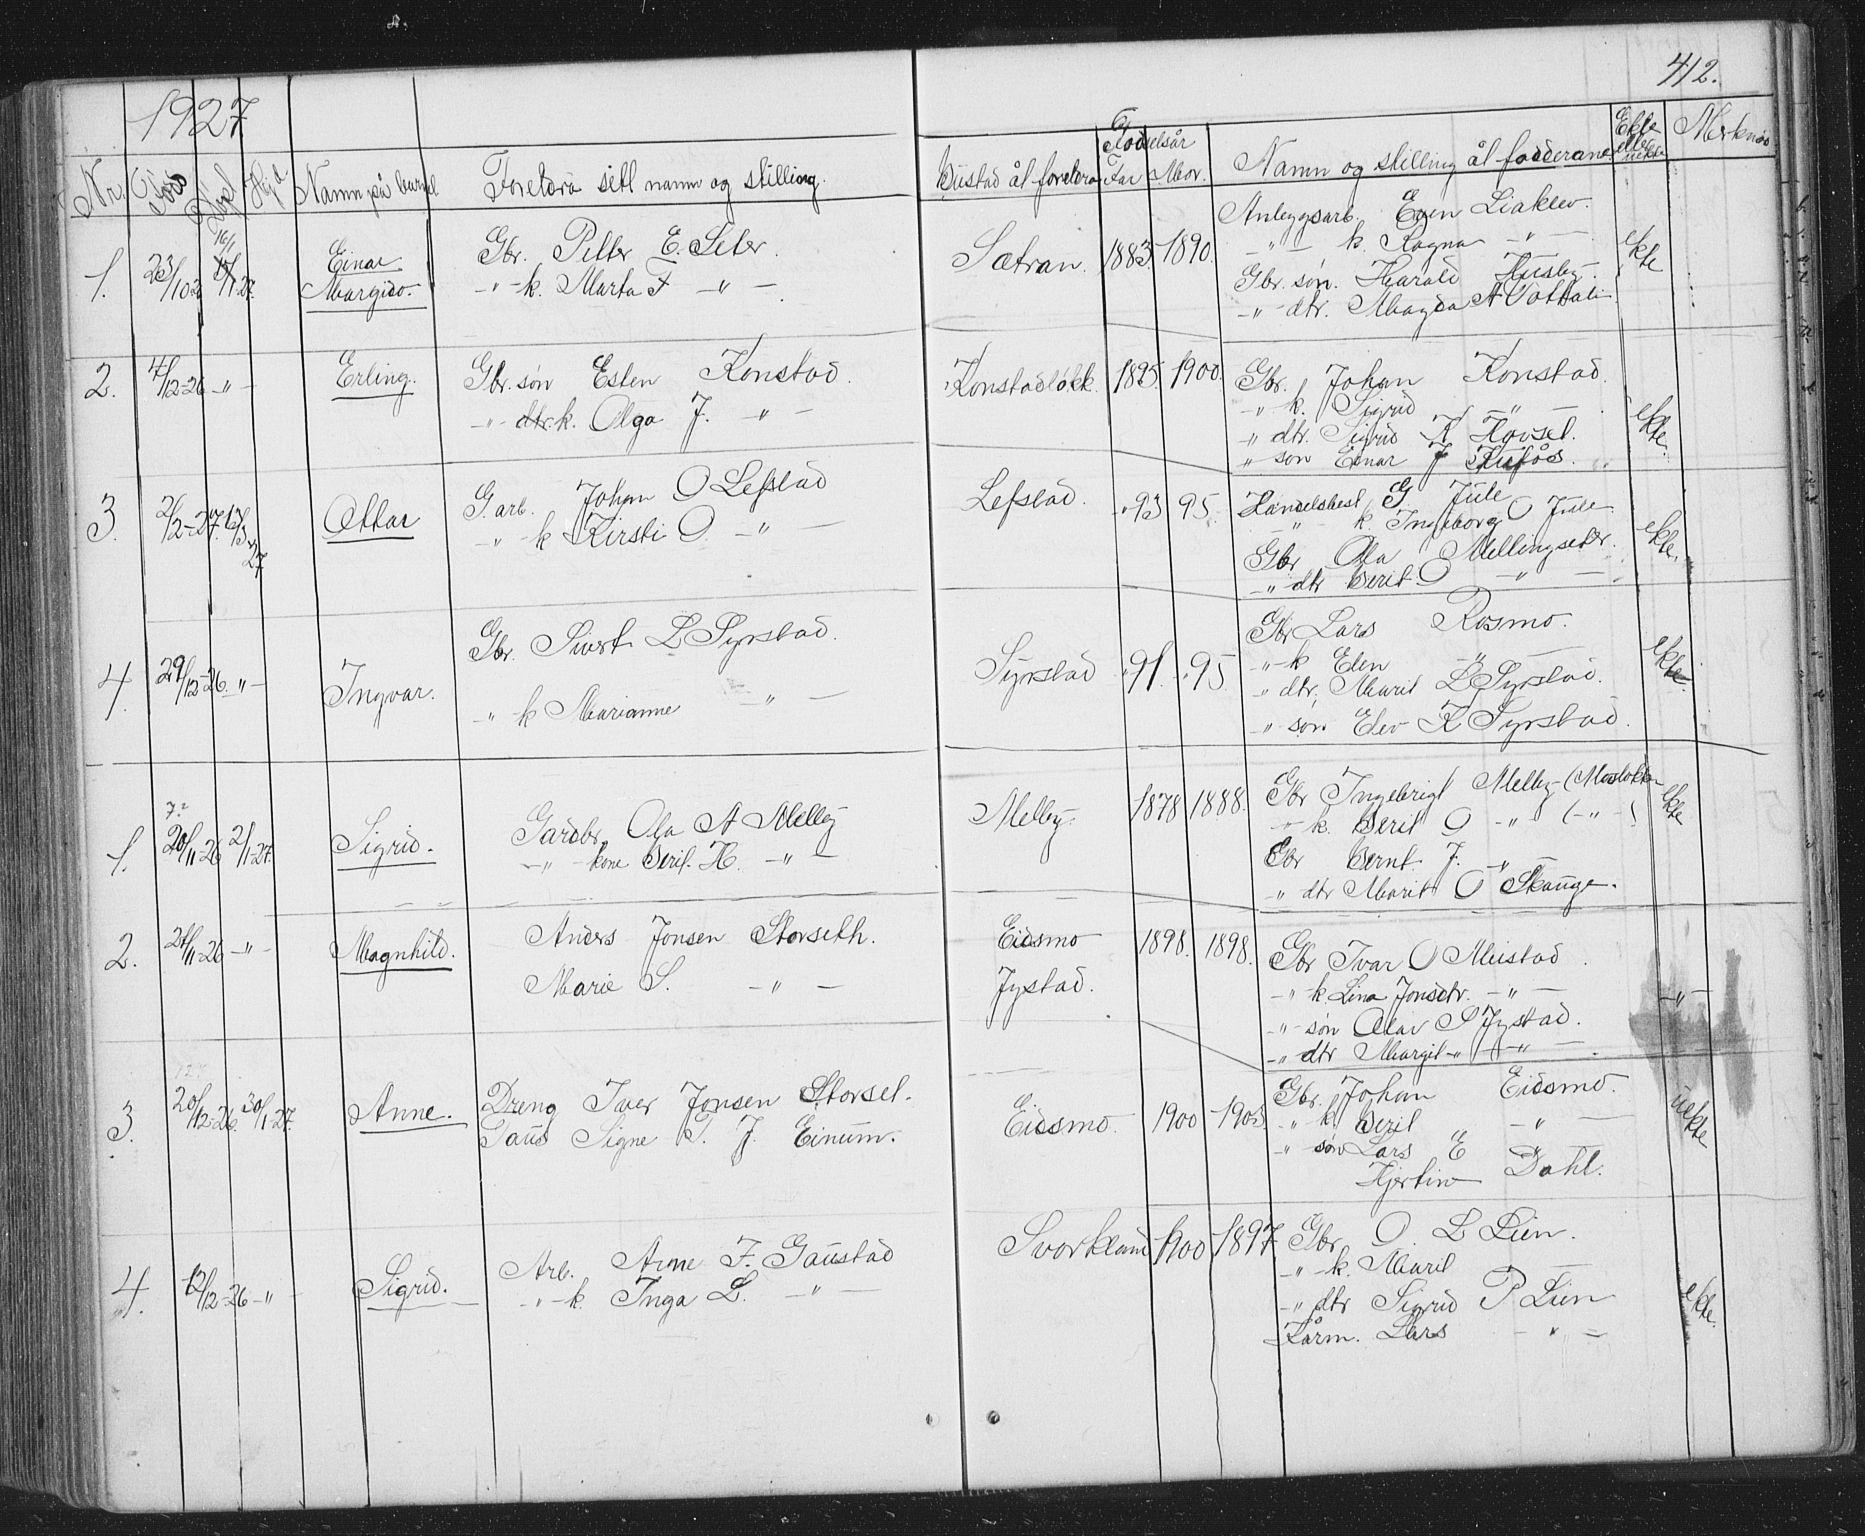 SAT, Ministerialprotokoller, klokkerbøker og fødselsregistre - Sør-Trøndelag, 667/L0798: Klokkerbok nr. 667C03, 1867-1929, s. 412